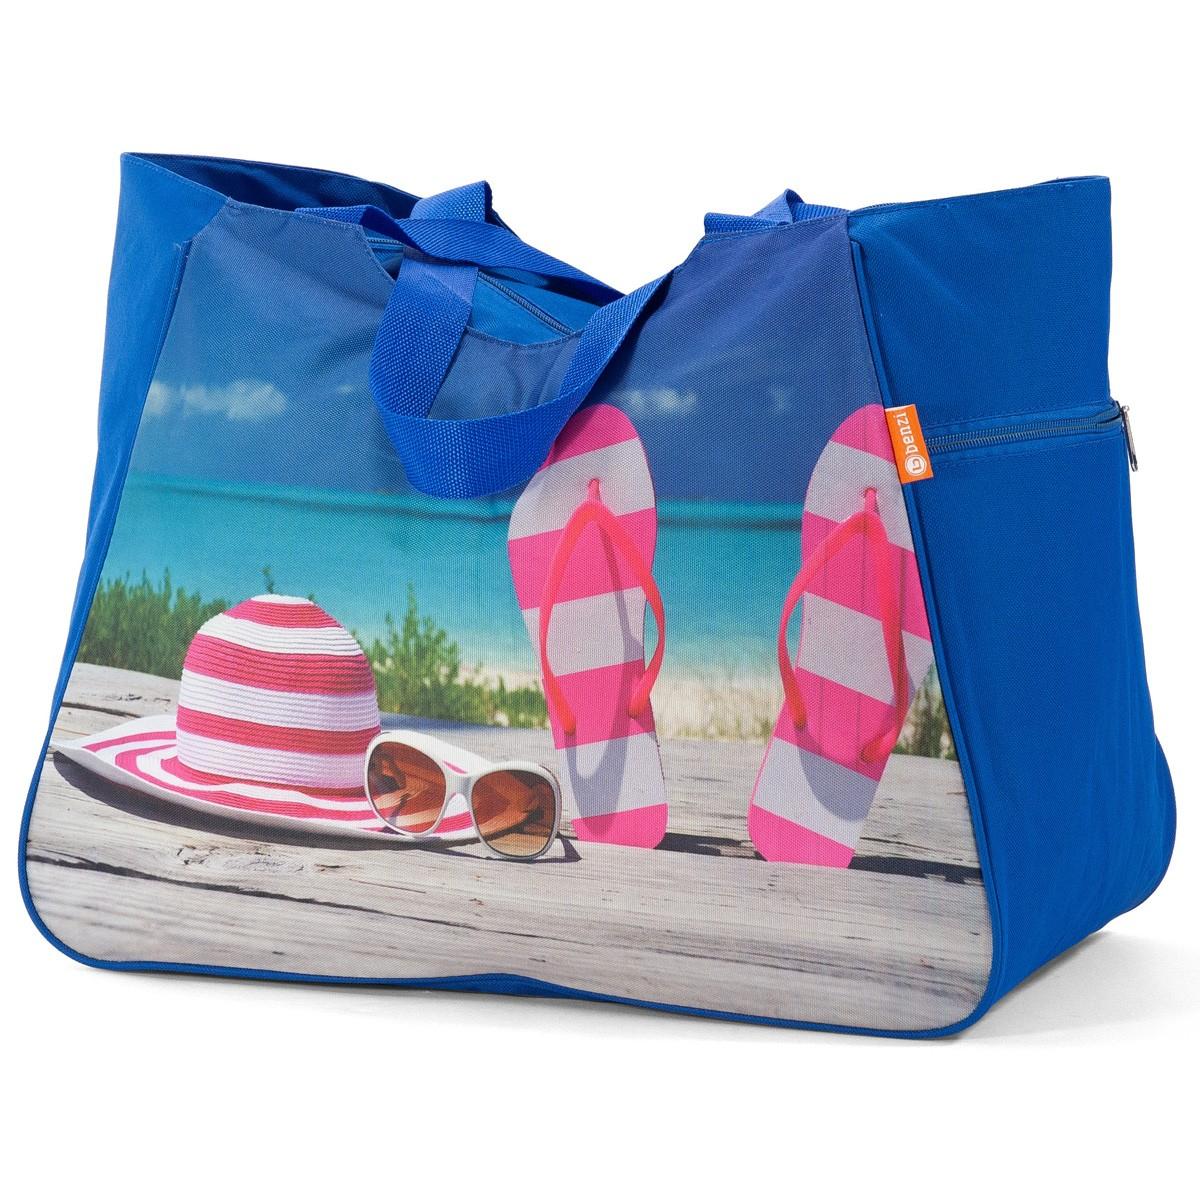 Τσάντα Παραλίας Benzi 5002 Blue